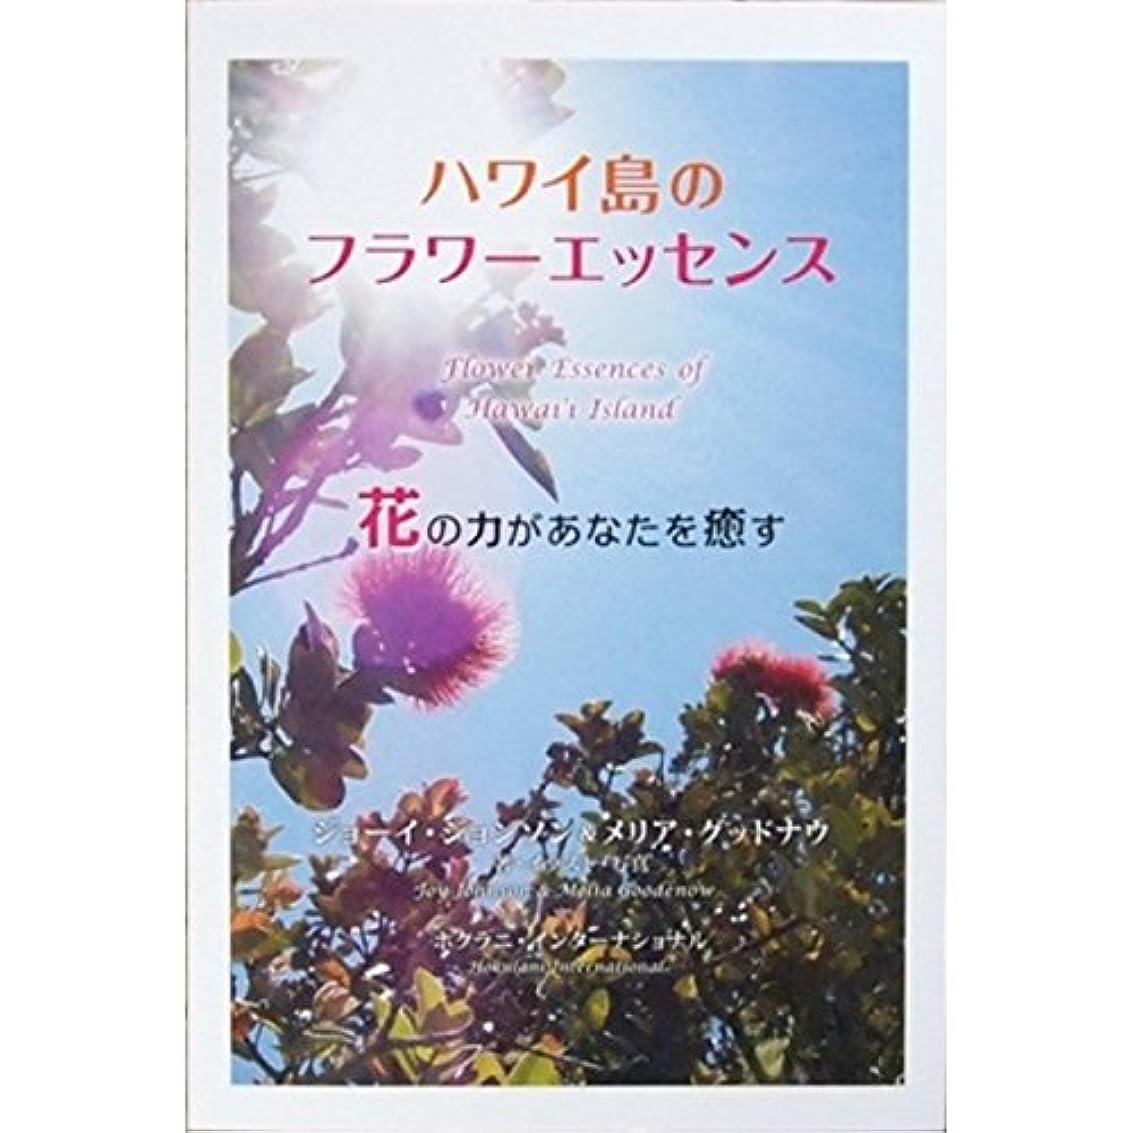 彼女はプレゼンテーション夕食を食べるハワイアン レインフォレスト ナチュラルズ 書籍『ハワイ島のフラワーエッセンス 花の力があなたを癒す』